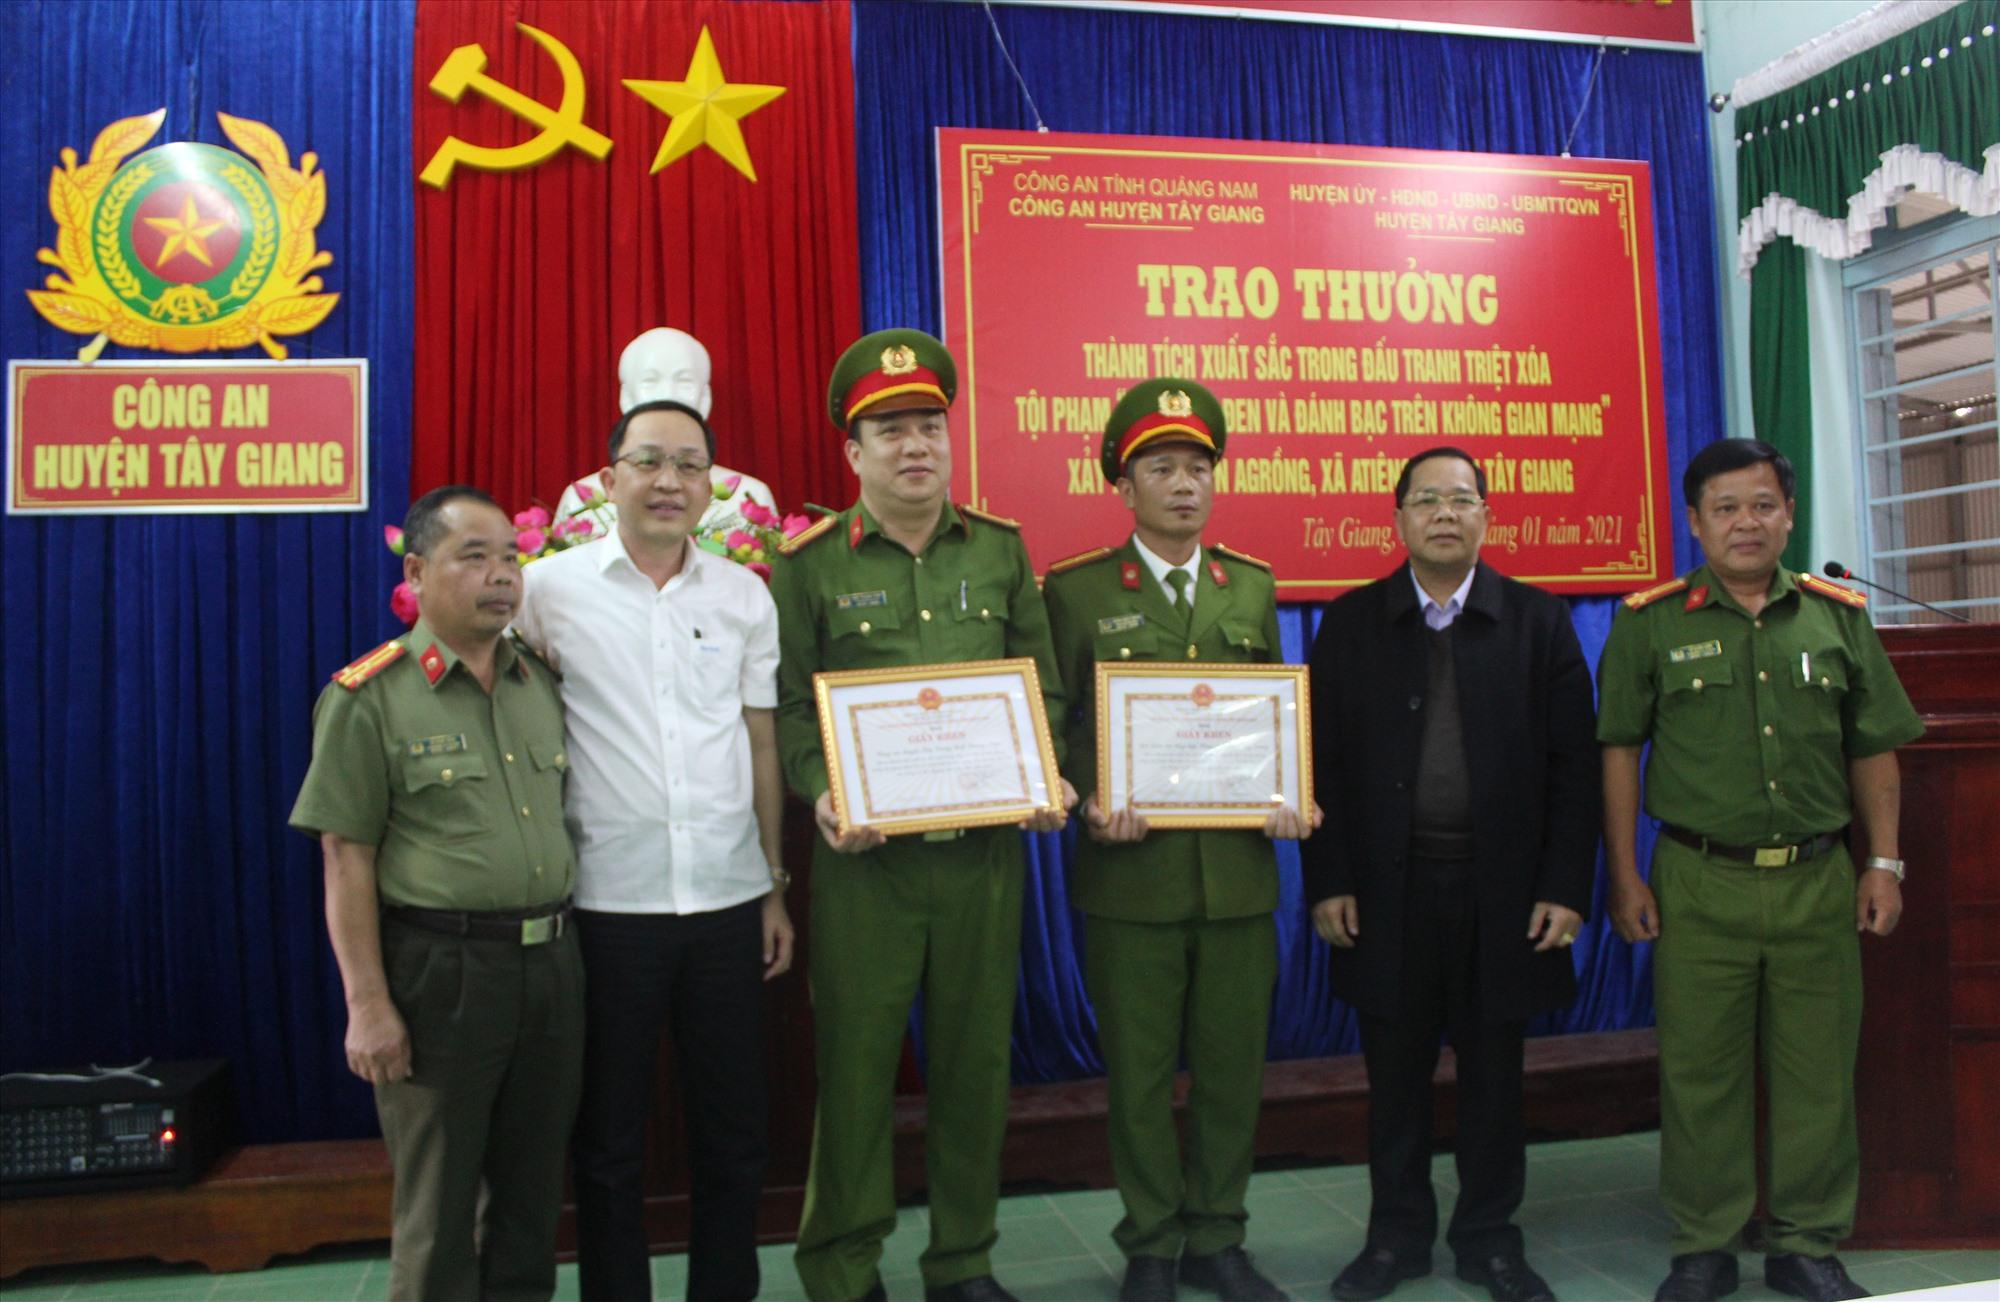 UBND huyện Tây Giang đã khen thưởng đột cho Đội Điều tra tổng hợp và Công an huyện